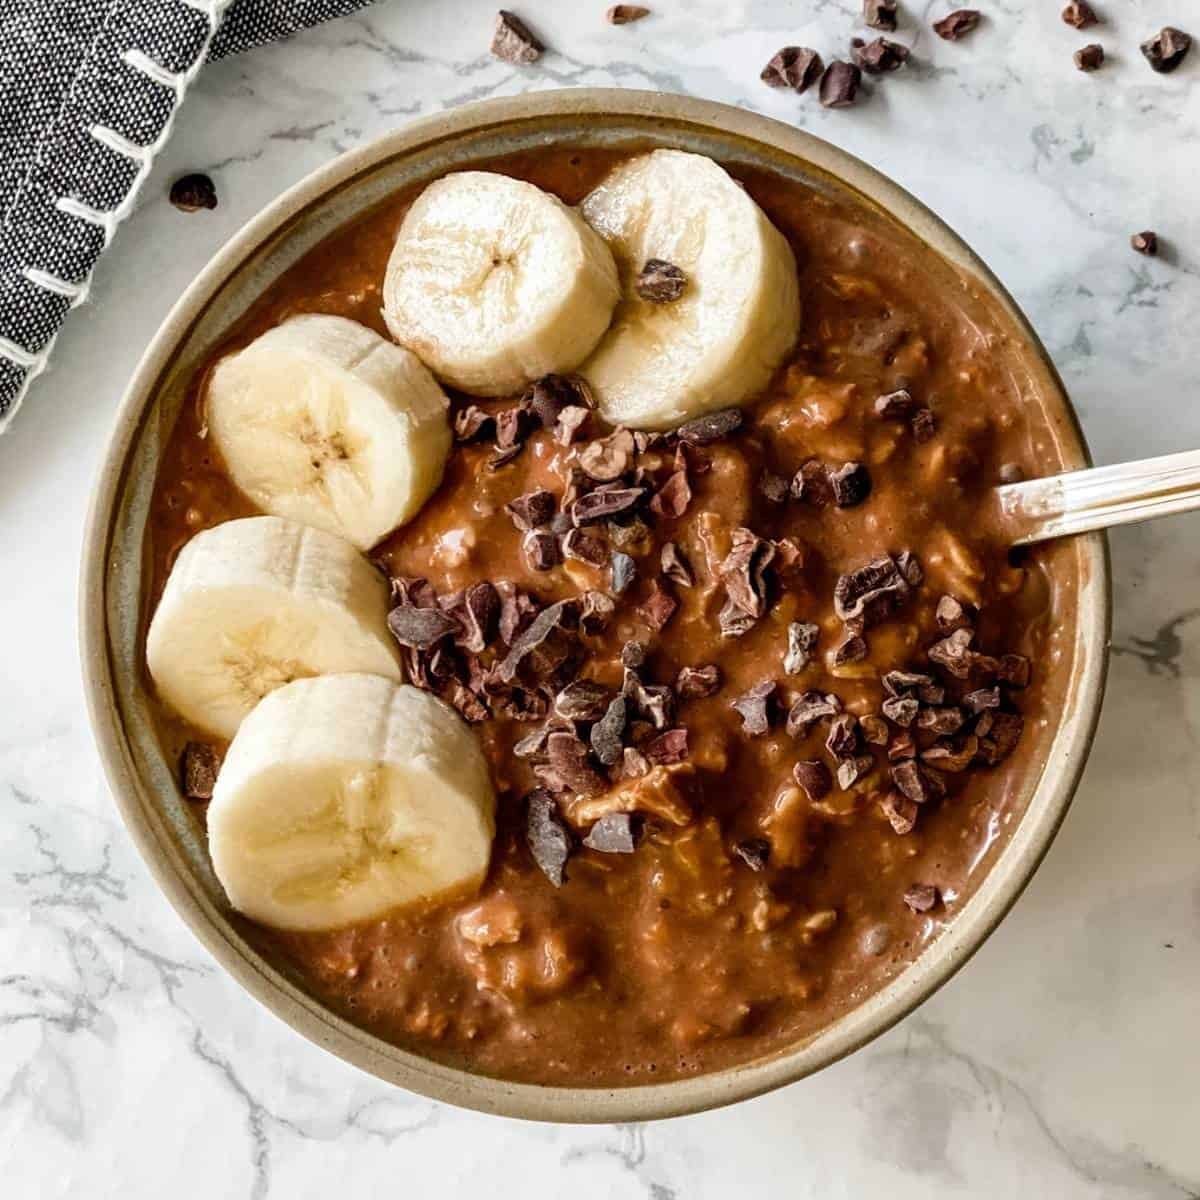 chocolate banana overnight oats. Delicious make-ahead healthy breakfast recipe.